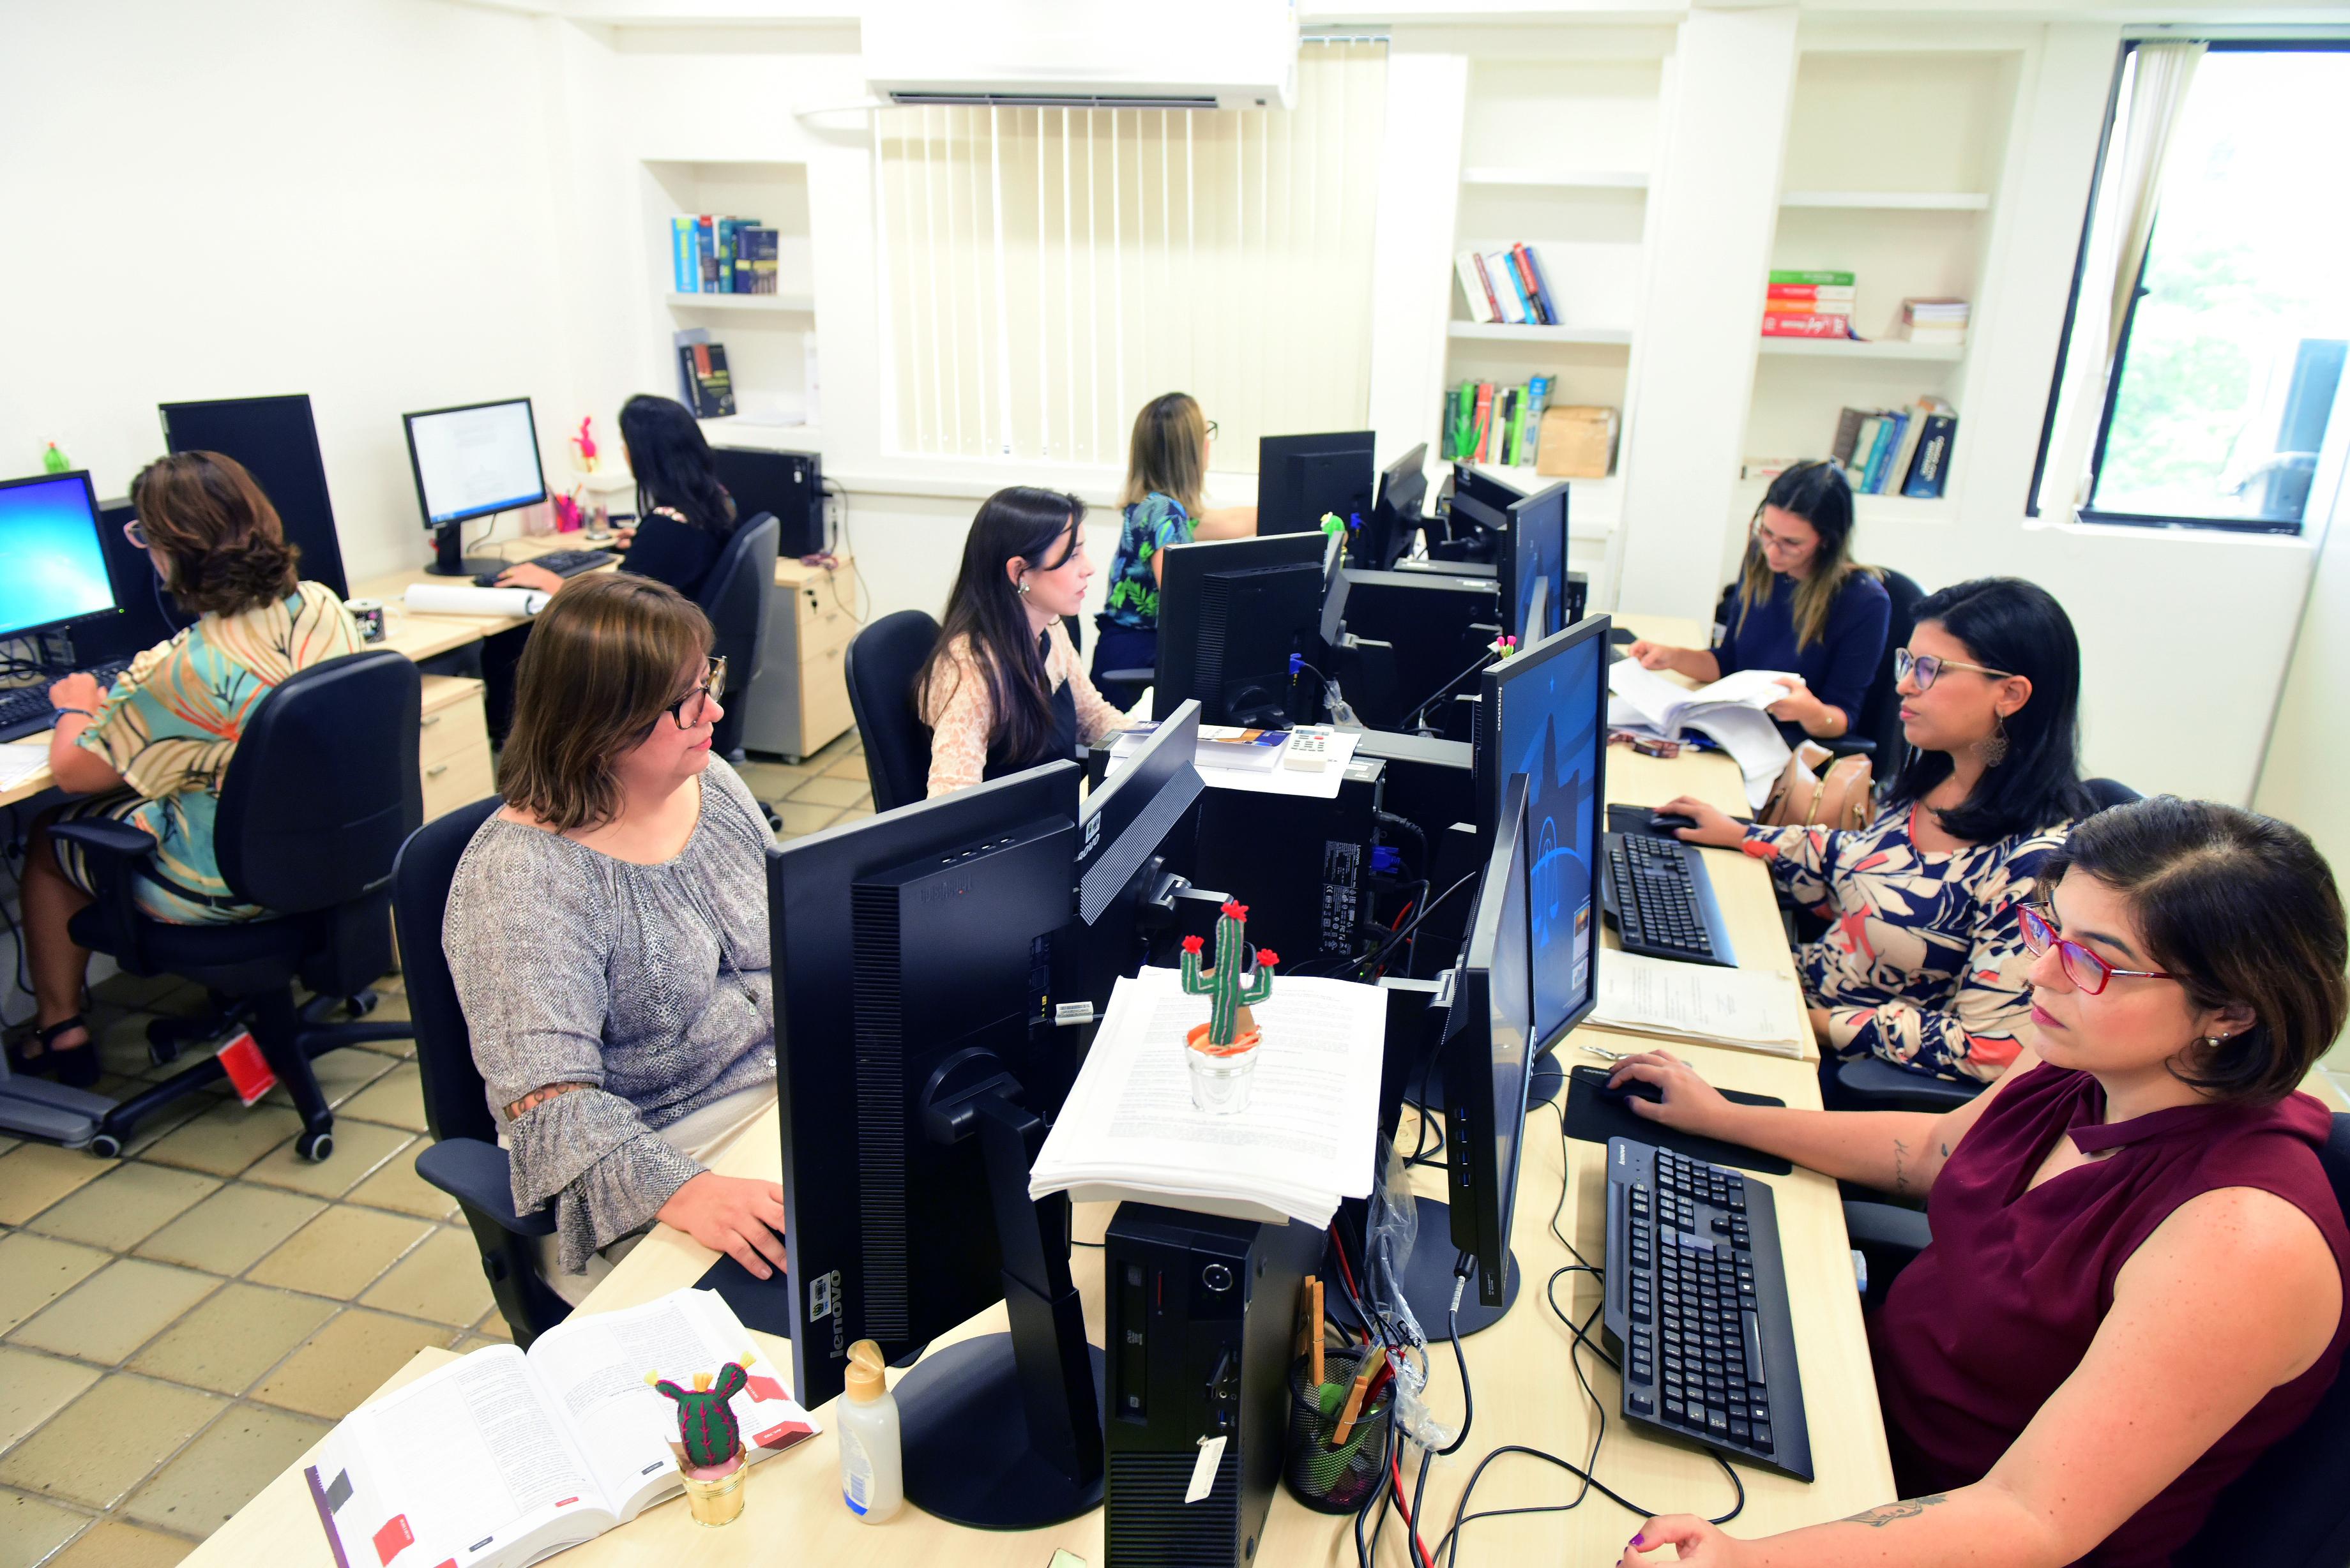 Equipe trabalha unida e divide as tarefas para agilizar o andamento dos processos - Crédito Assis Lima/ Divulgacão TJPE